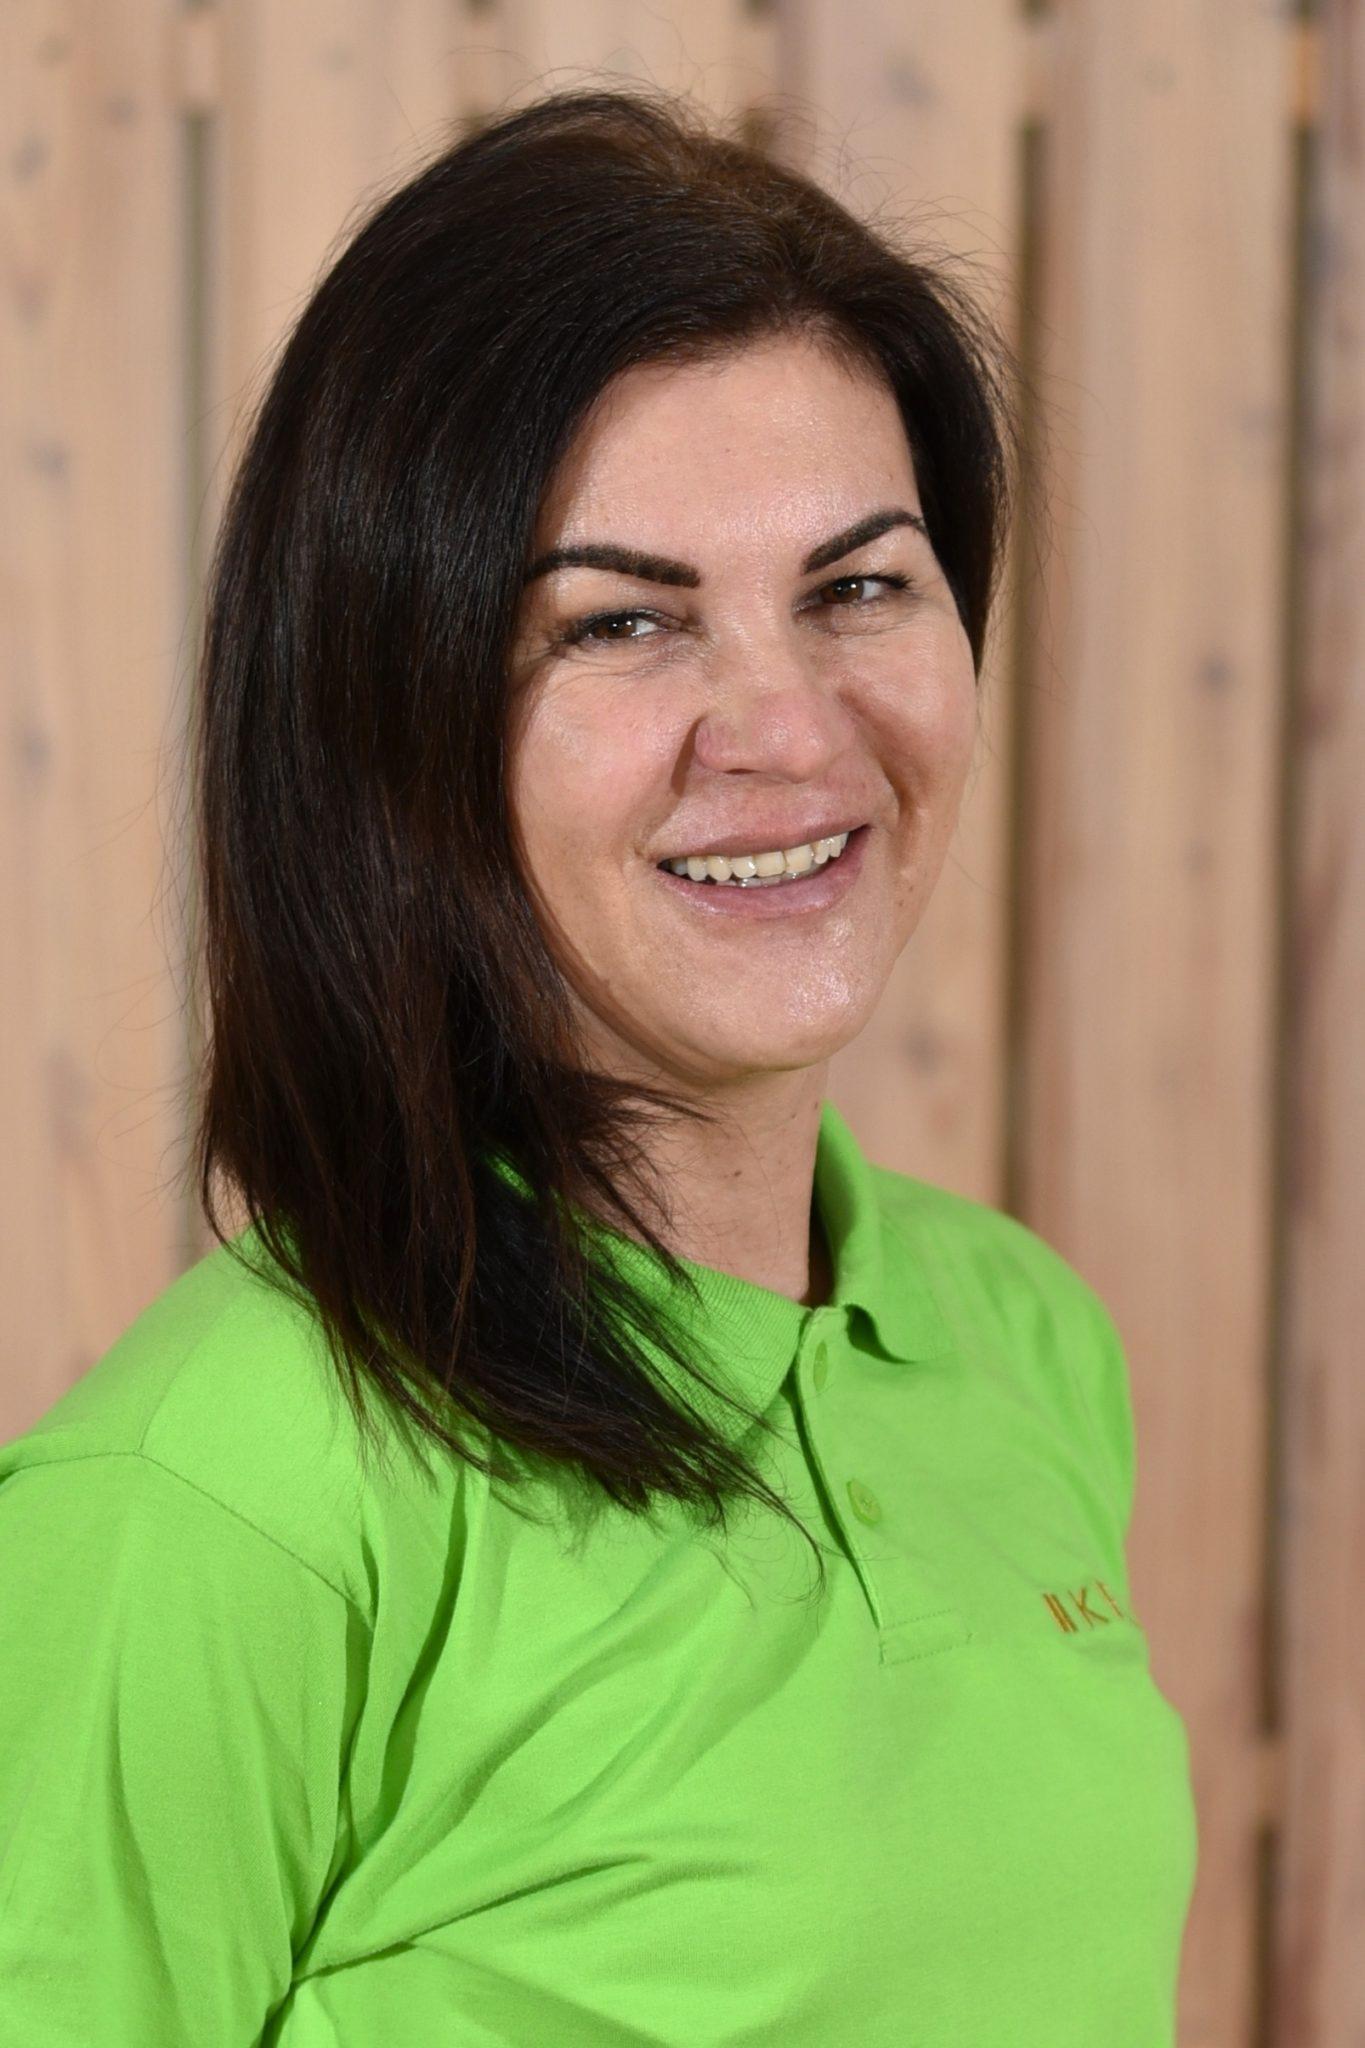 Martina Mráziková